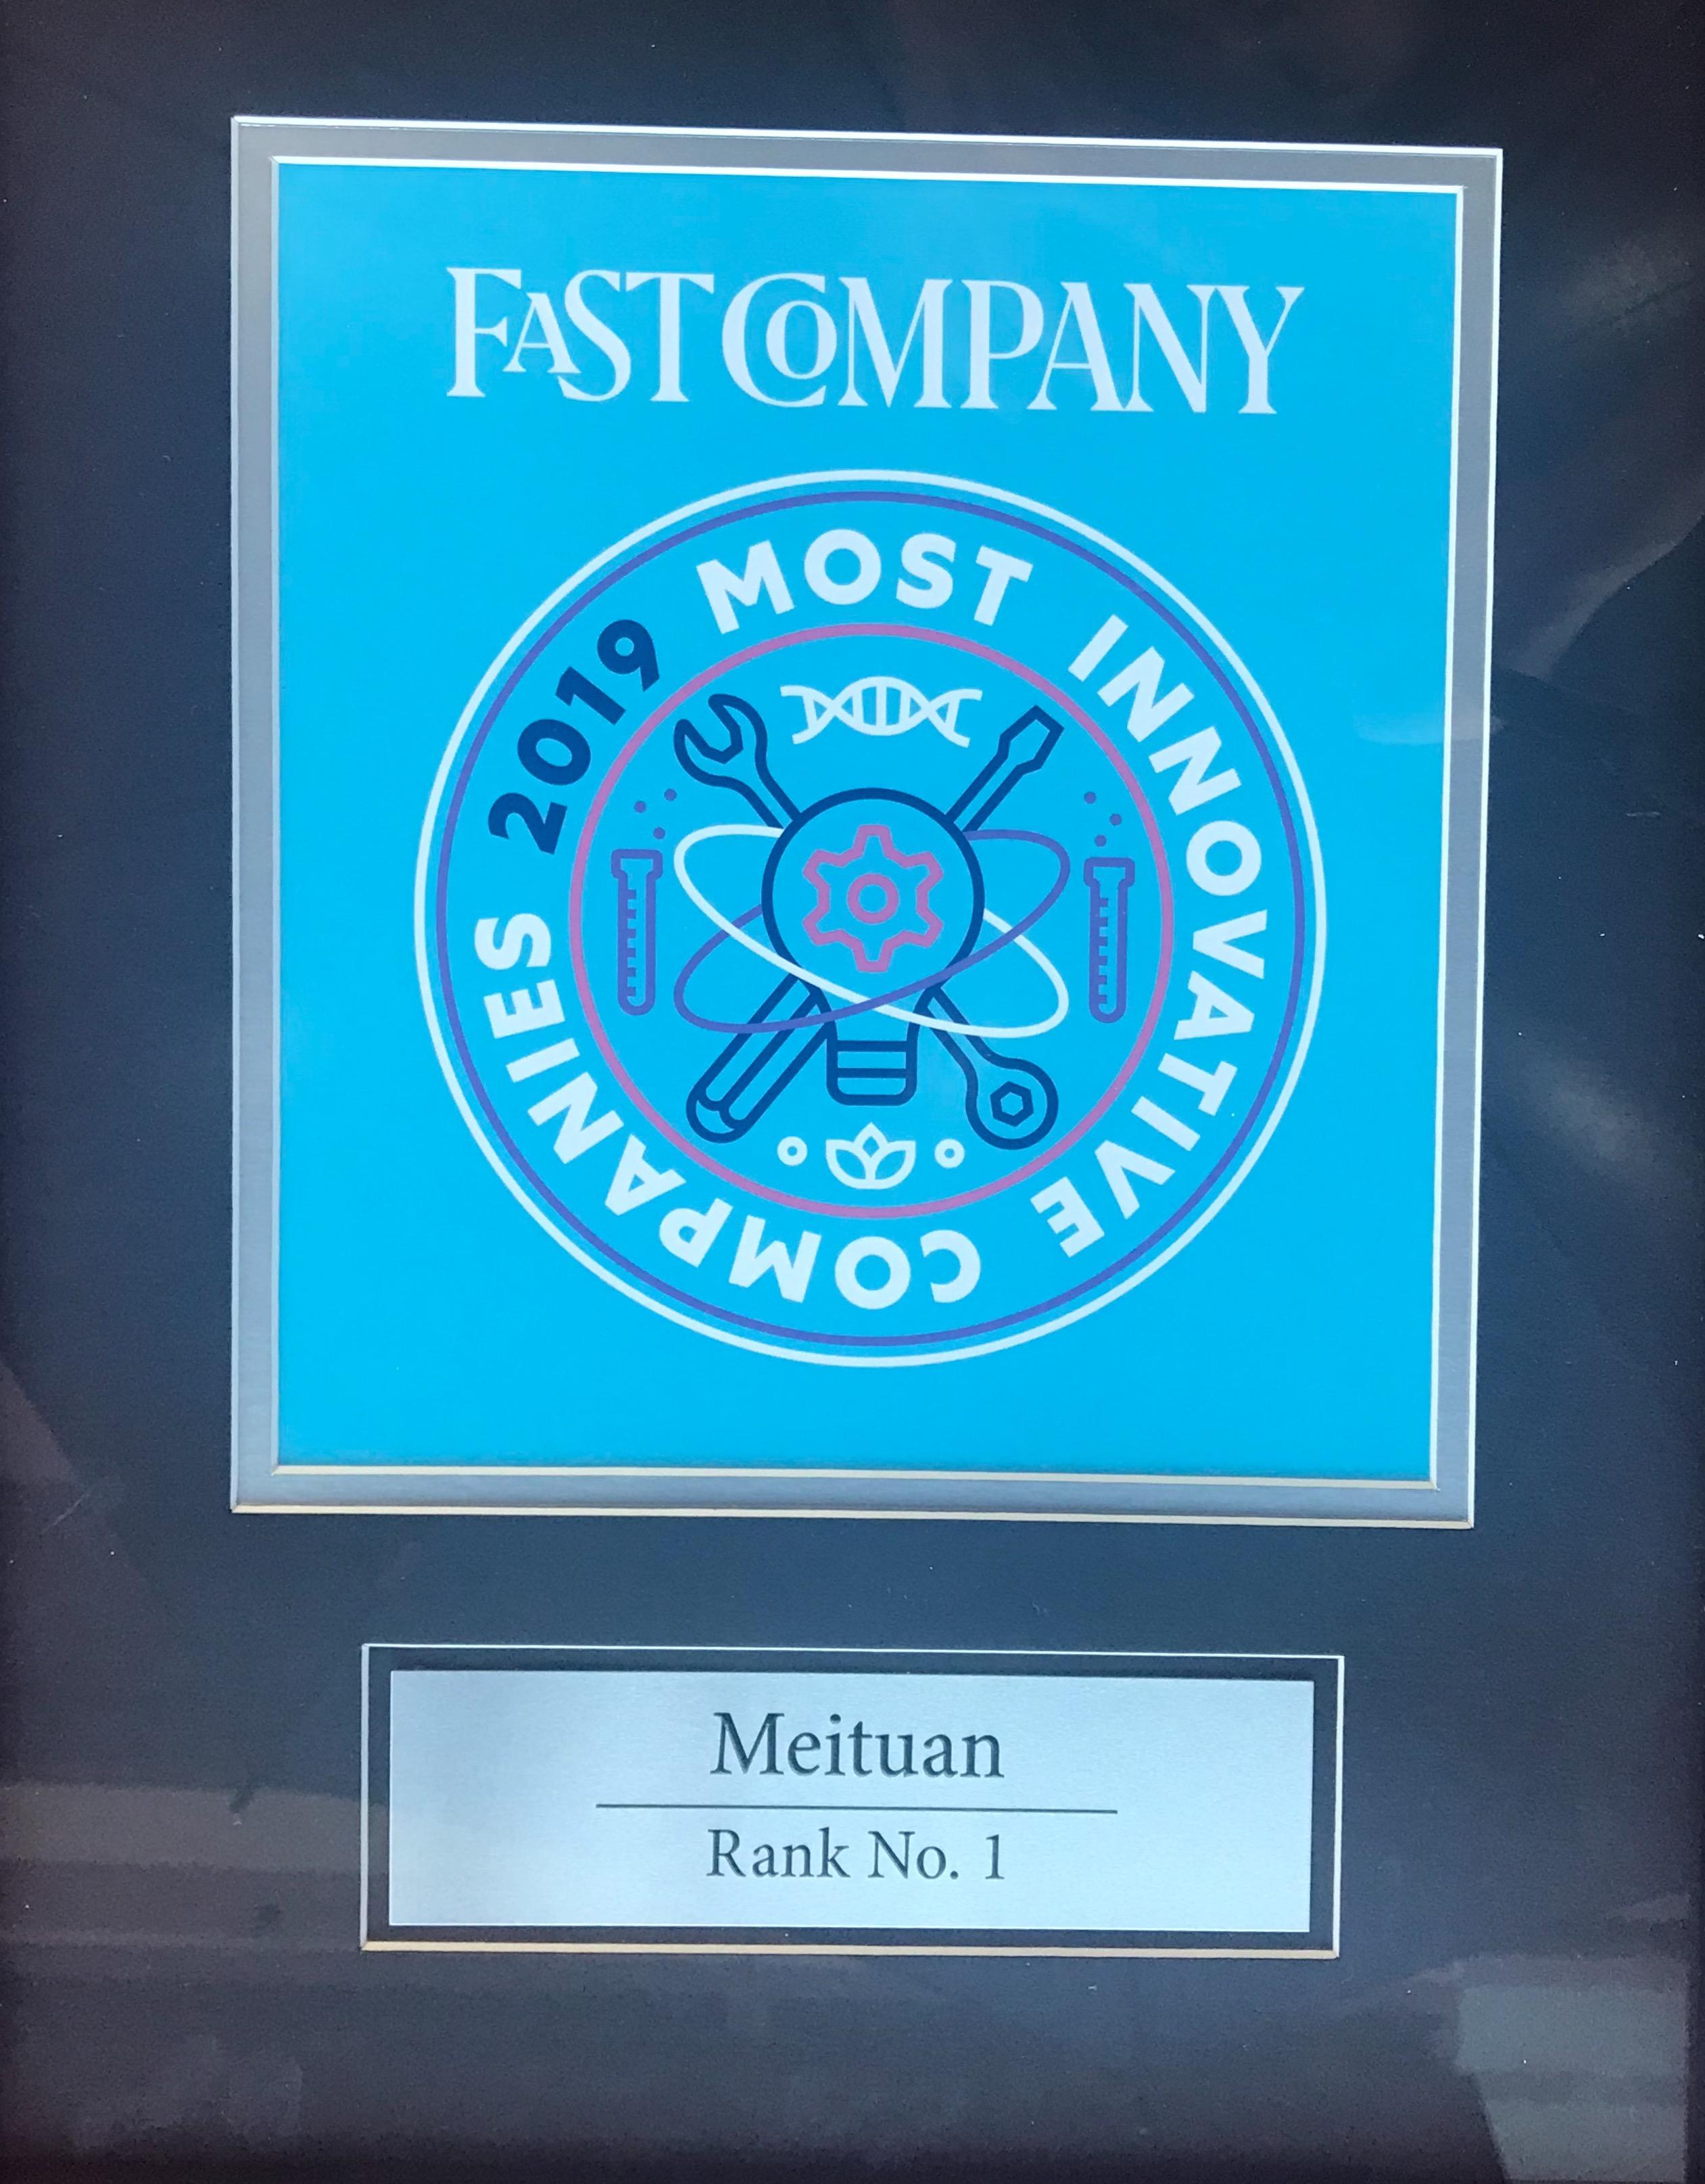 全球最具创新力企业榜单出炉,这家北京企业夺冠